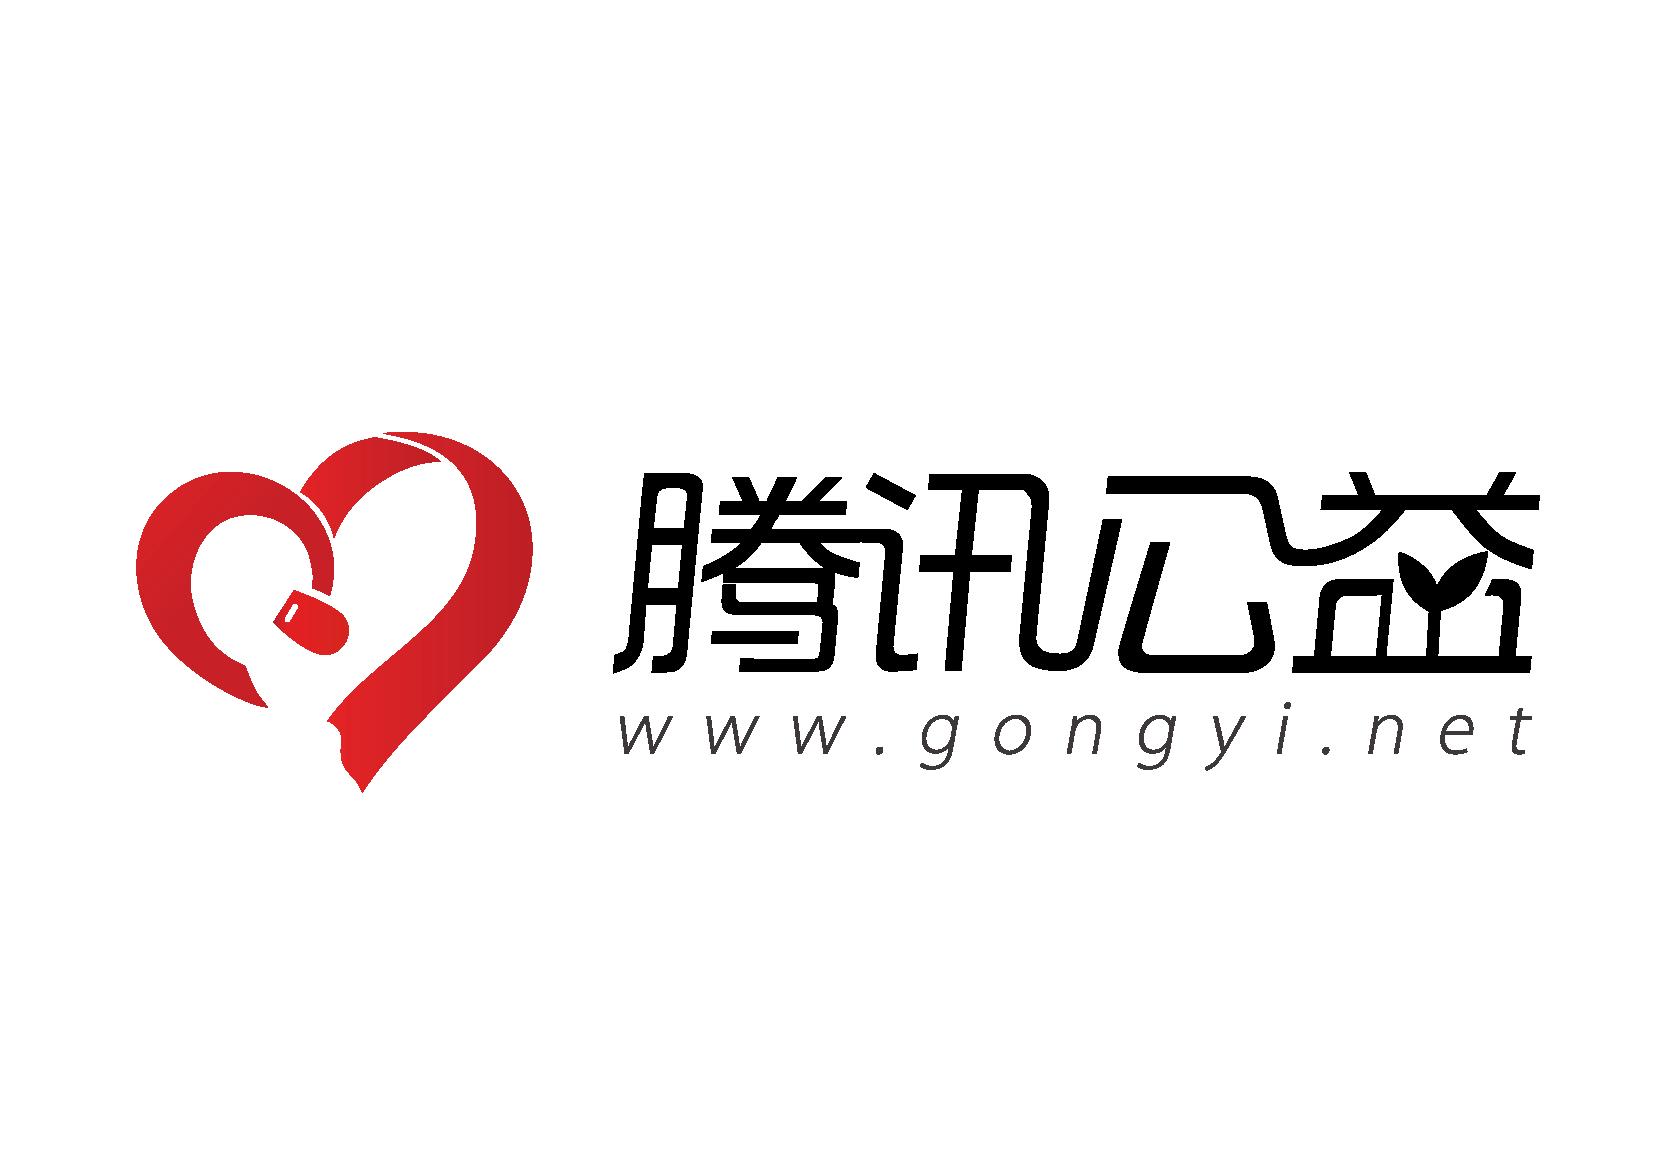 Tencent (Gongyi)